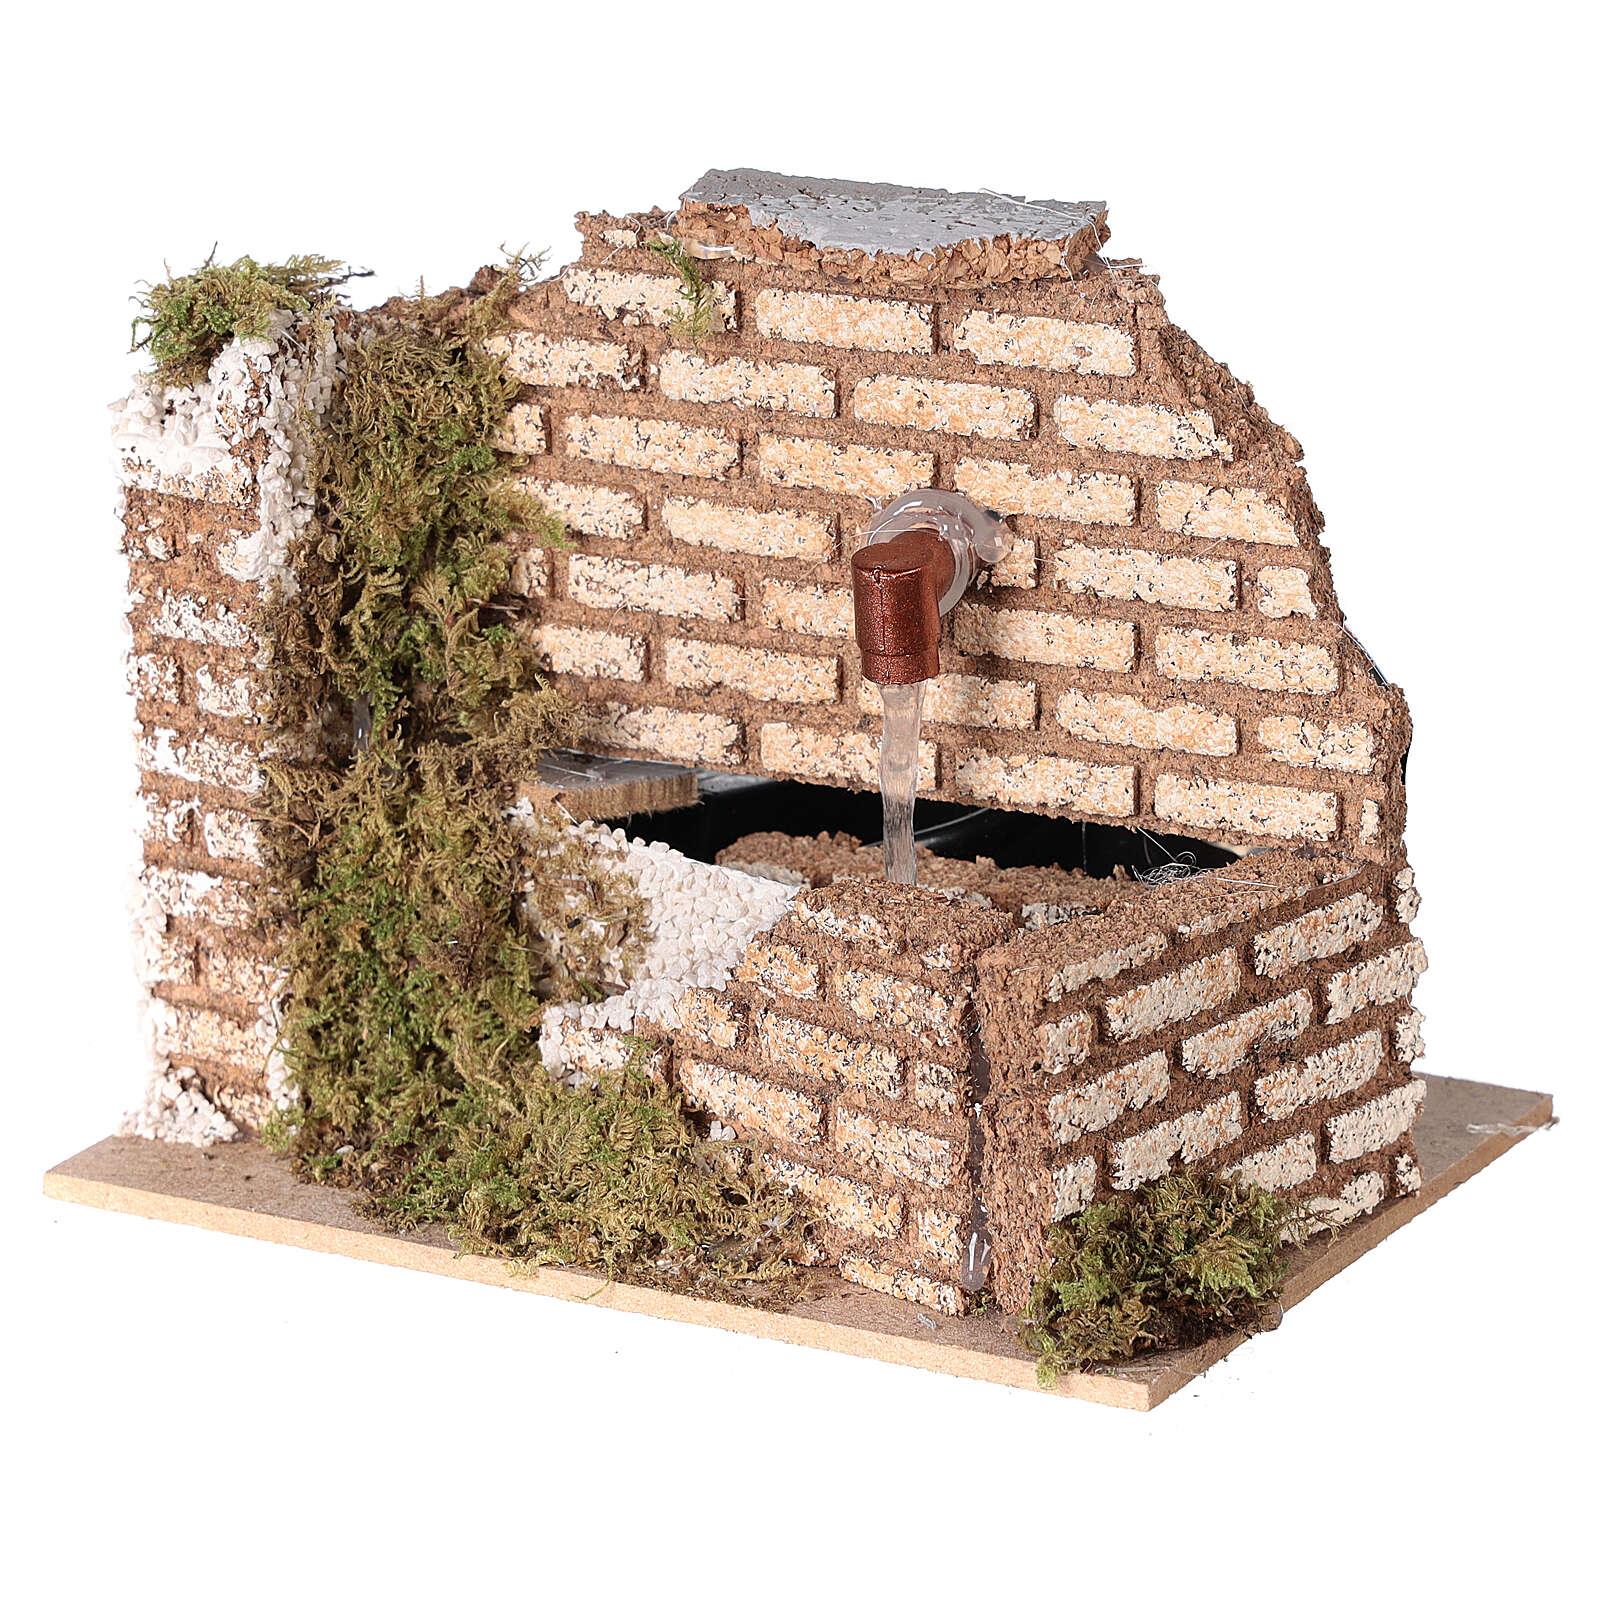 Miniature fountain cork wall nativity 8-10 cm 10x15x10 cm 4